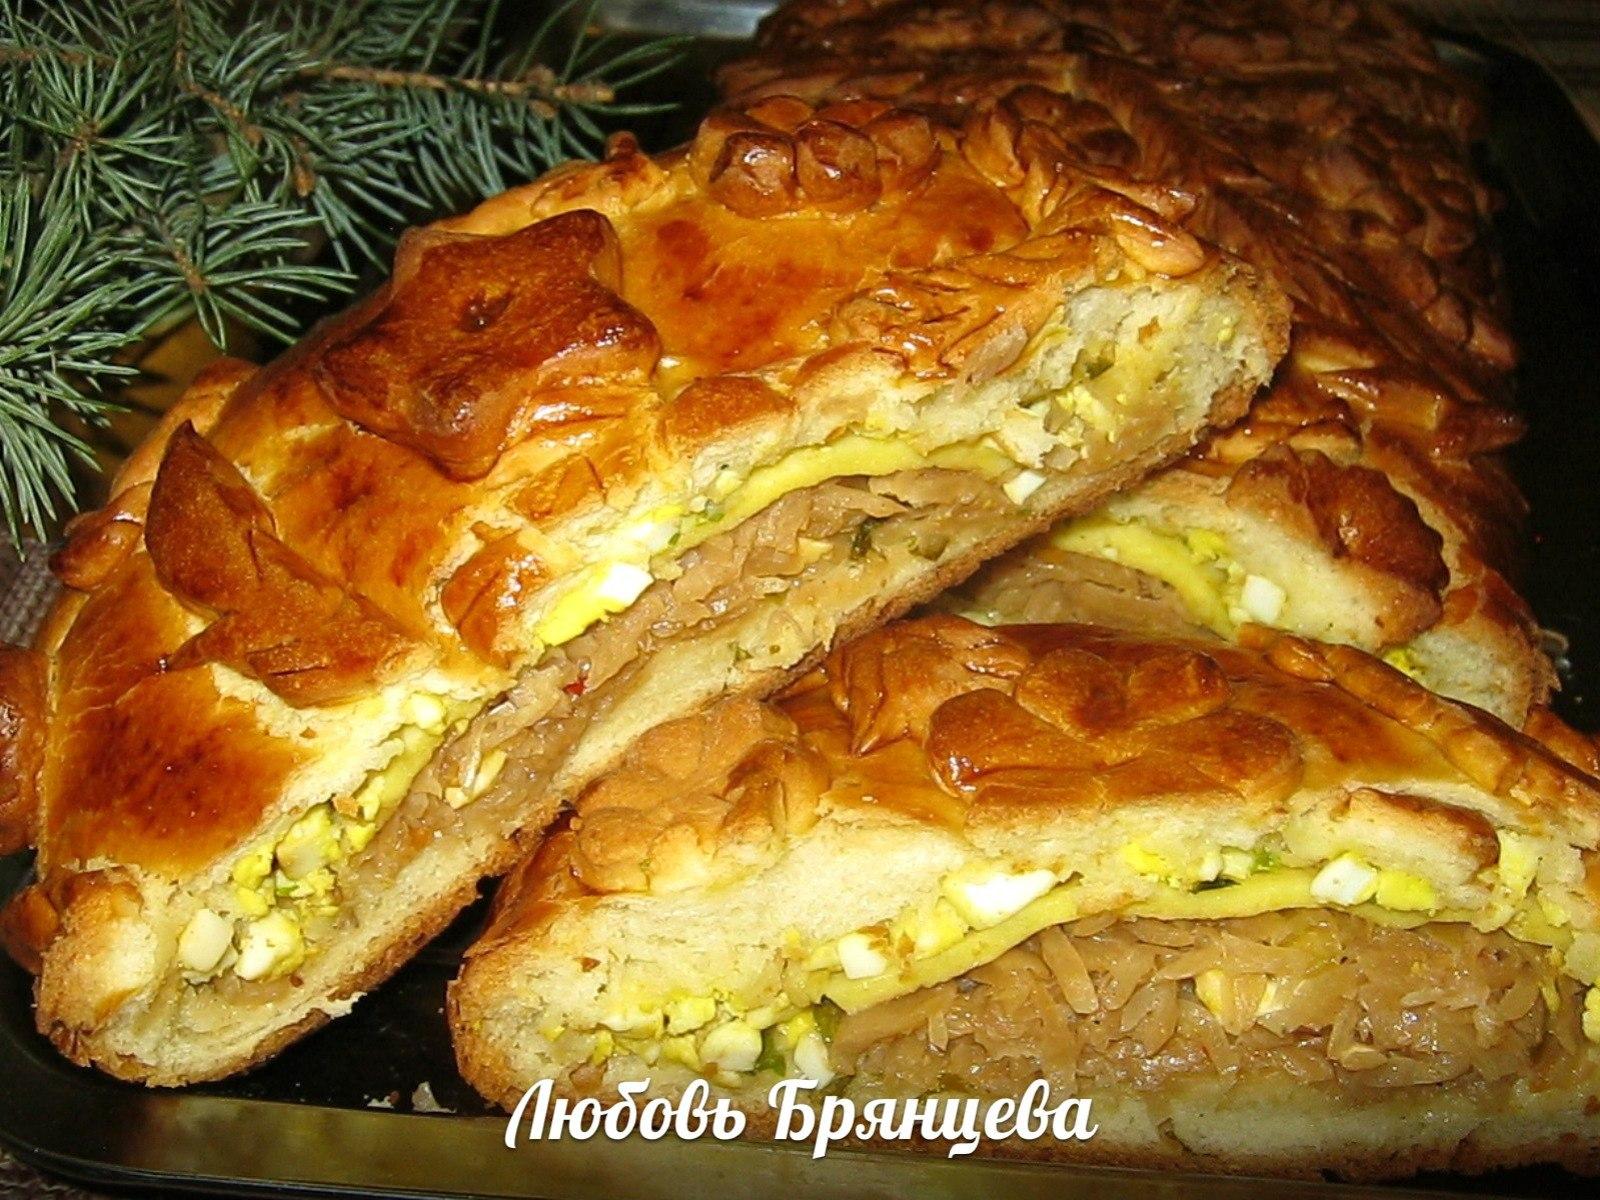 Пирог с рыбными консервами / Пироги и пирожки